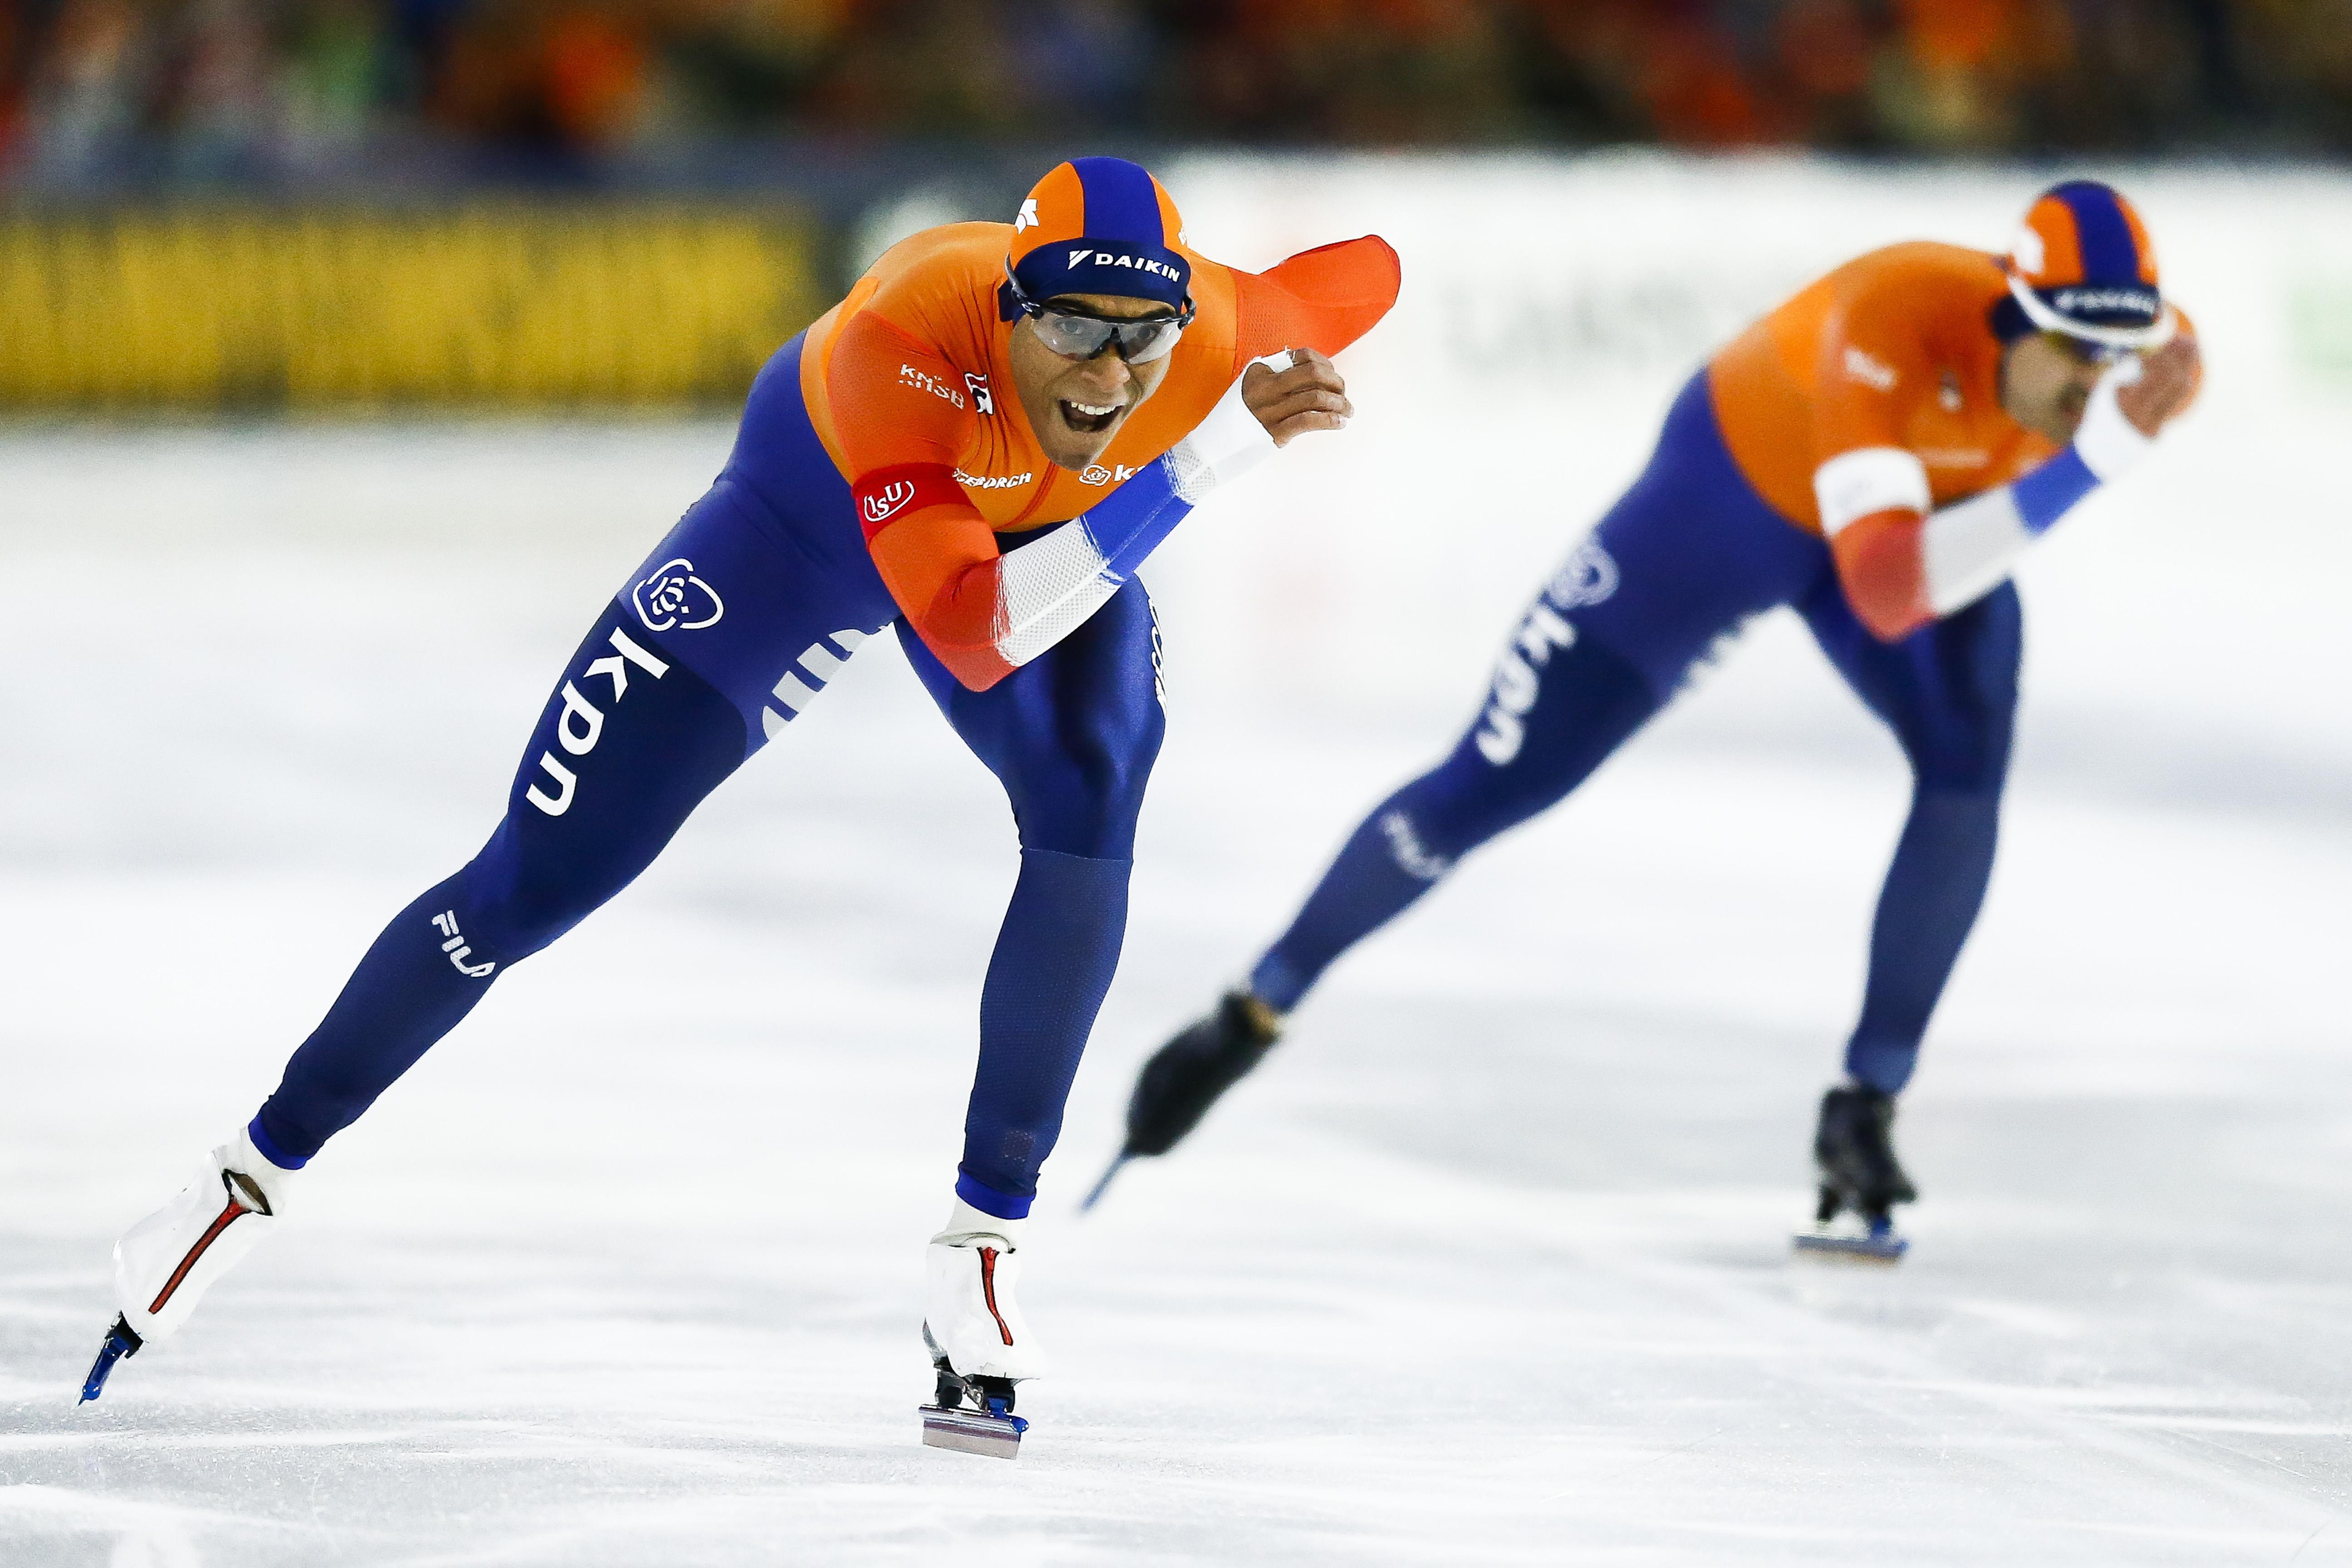 Schaatser Verbij uit Hoogmade haalt brons op EK 1000 meter